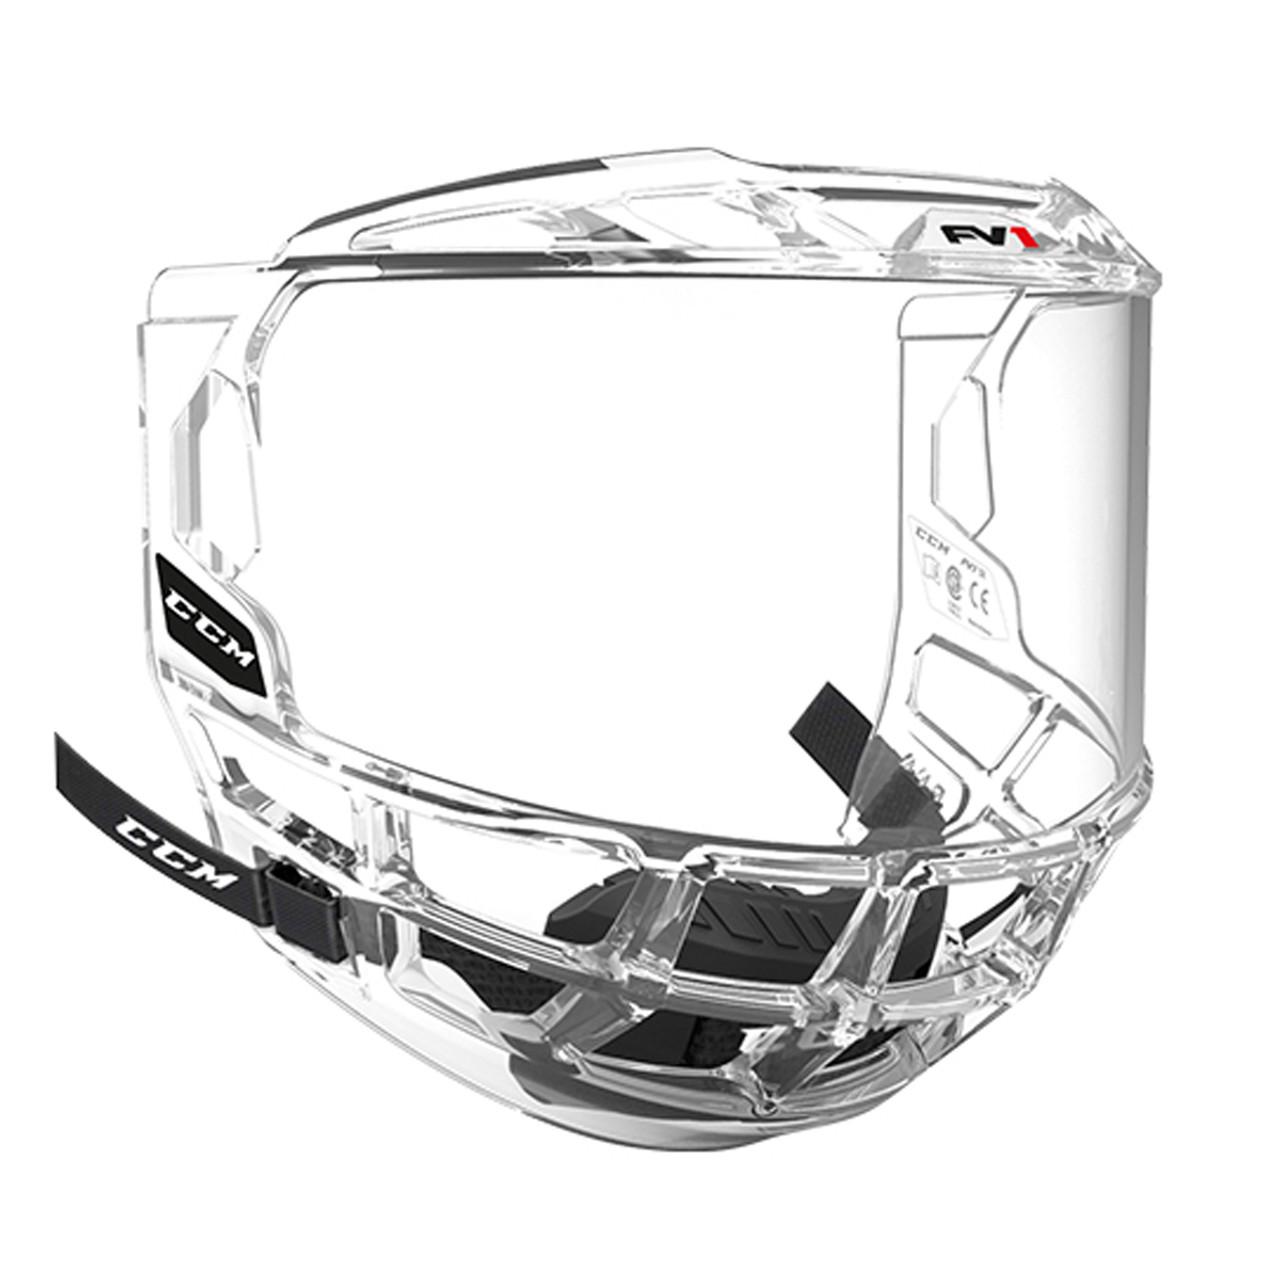 CCM FV1 Full-Face Hockey Helmet Visor - Clear